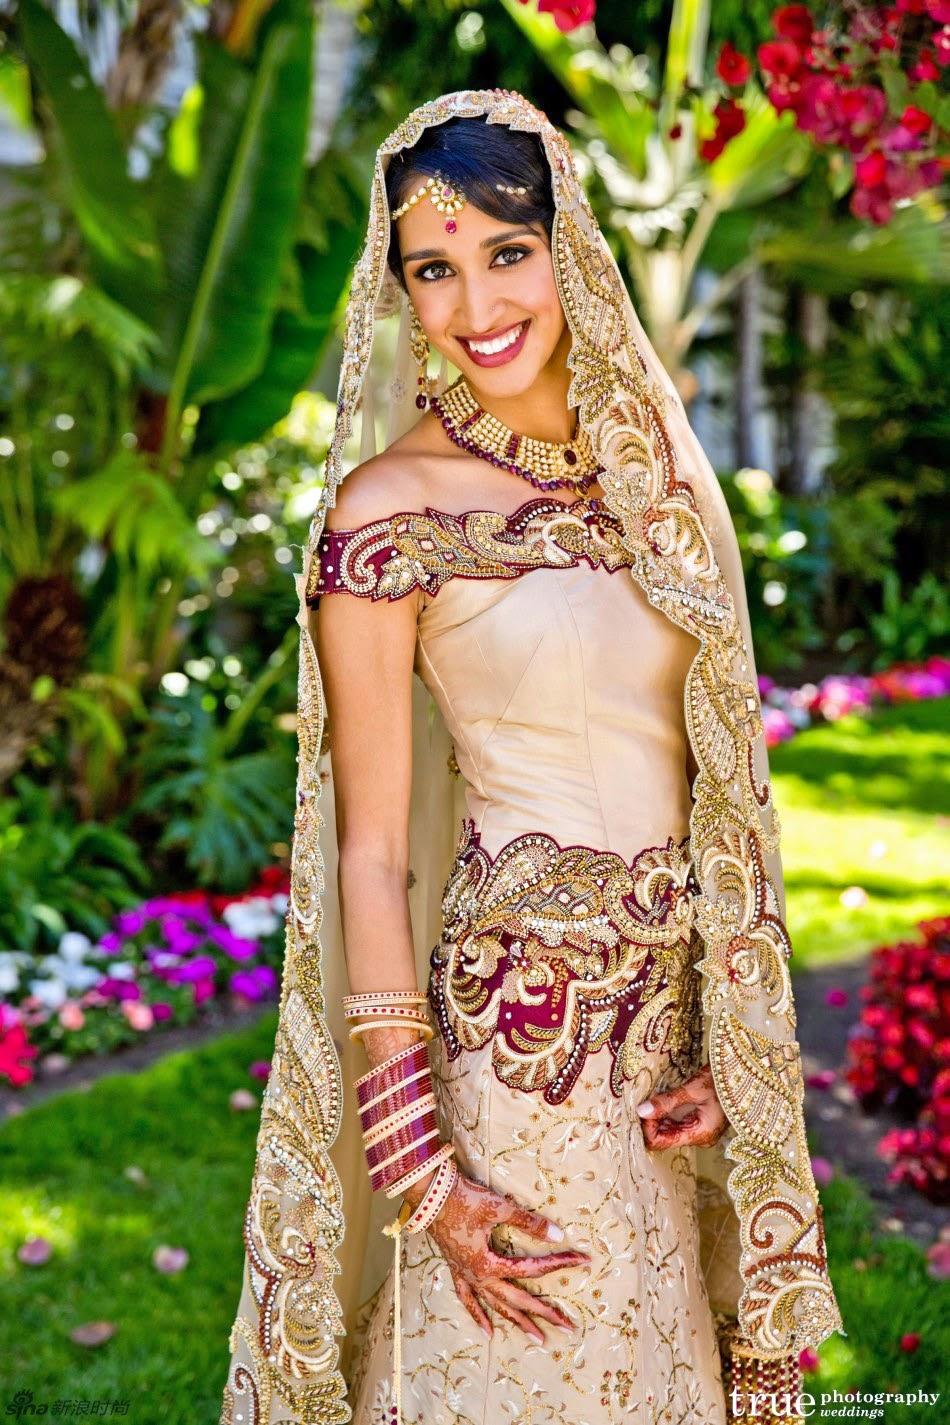 Bilder enthüllen Luxus bei Hochzeit in Indien | Gerrys Blog